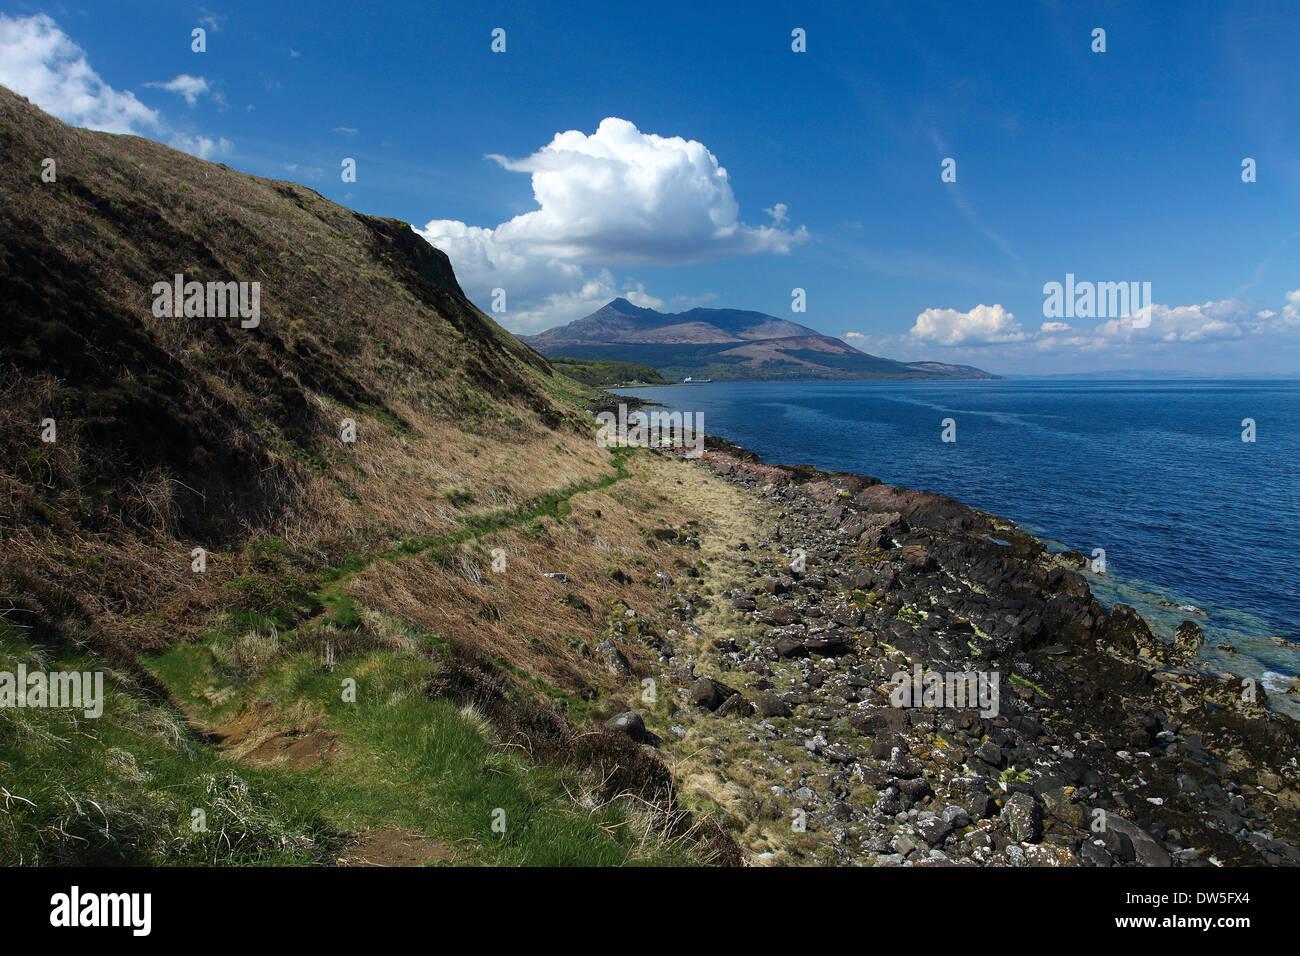 Cayó la cabra y la bahía de Brodick Clauchlands Punto de la ruta costera de Arran, la Isla de Arran, Ayrshire Foto de stock